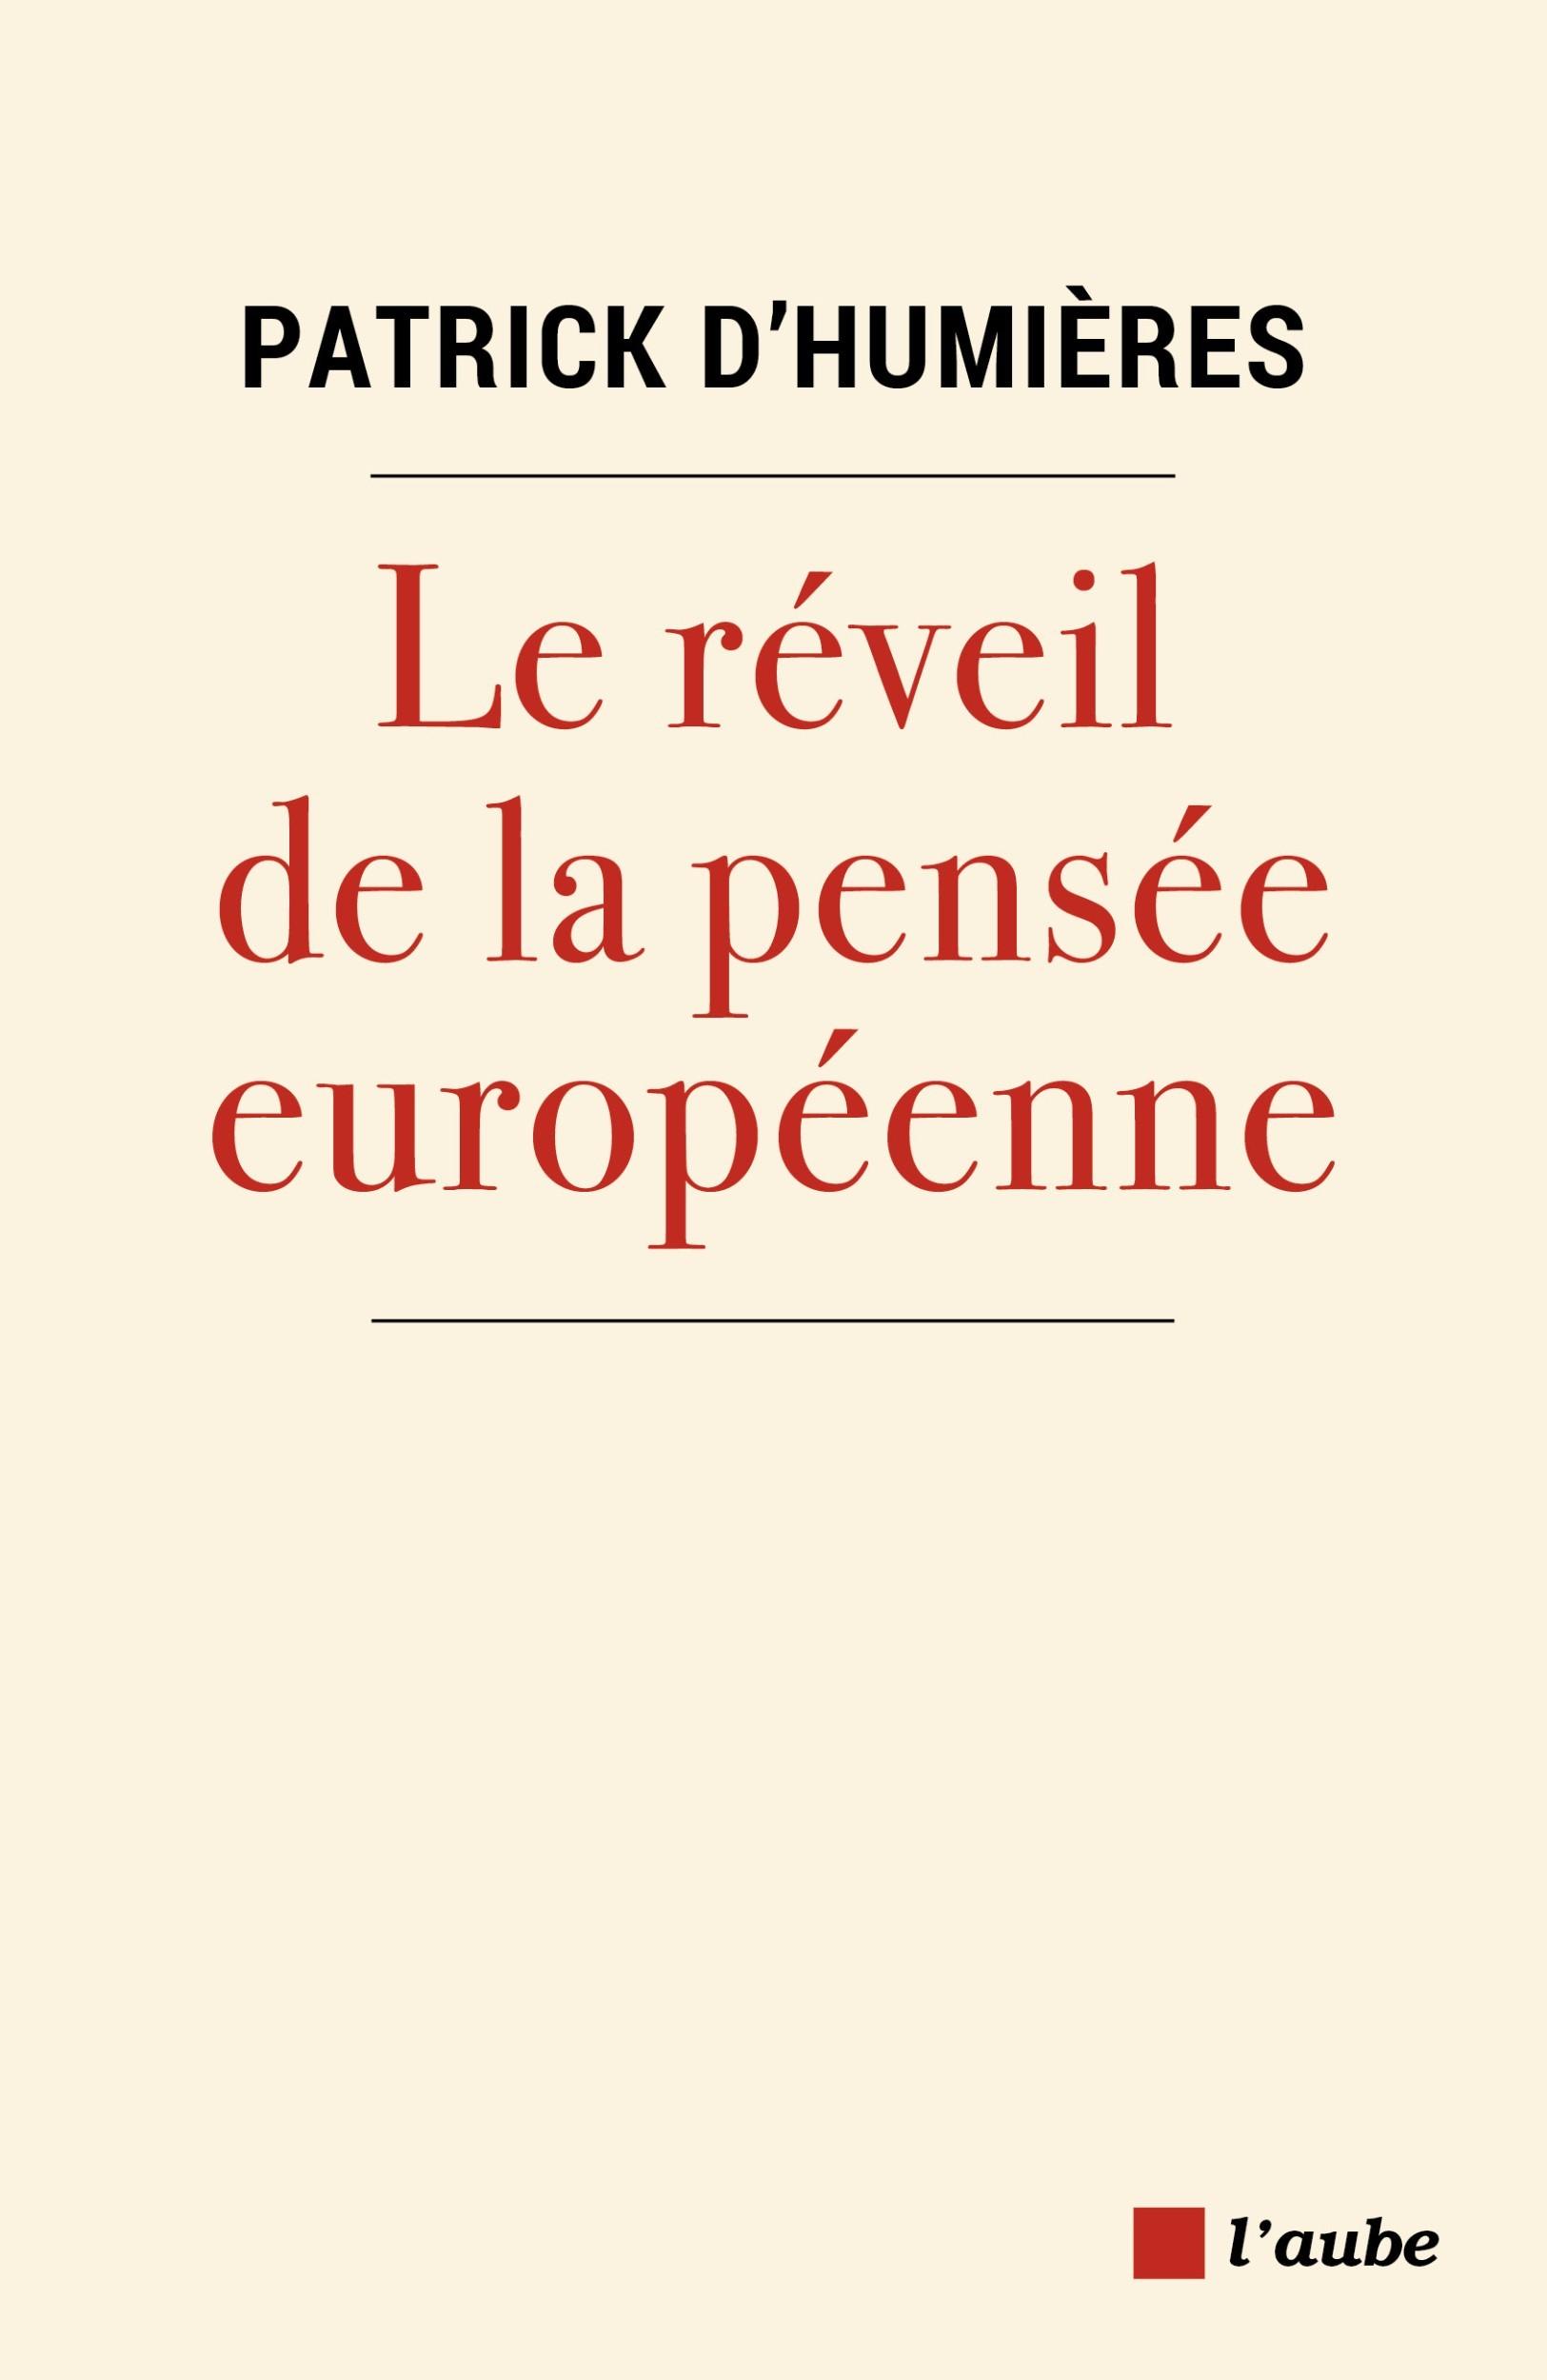 LE RÉVEIL DE LA PENSÉE EUROPÉENNE